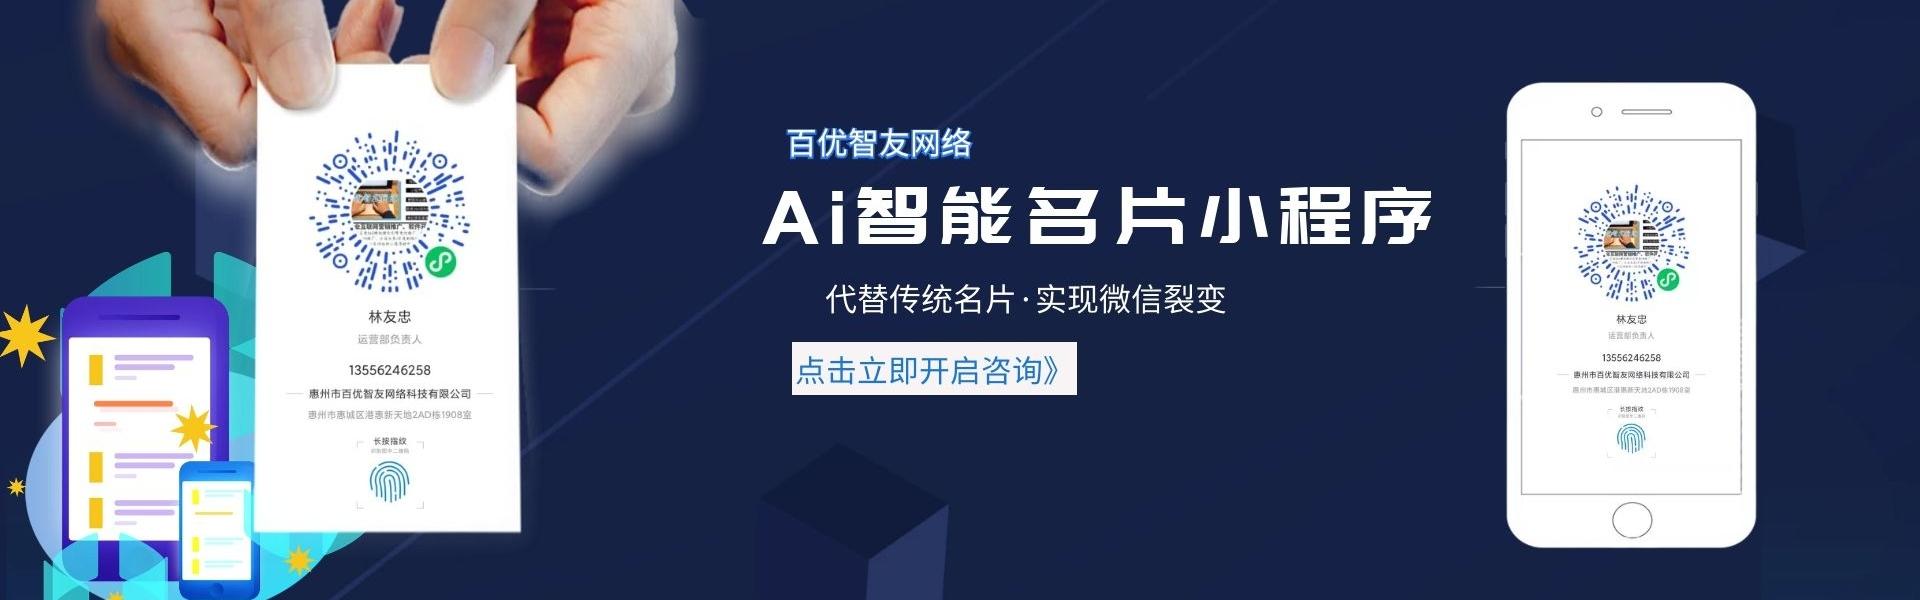 惠州超级名片小程序